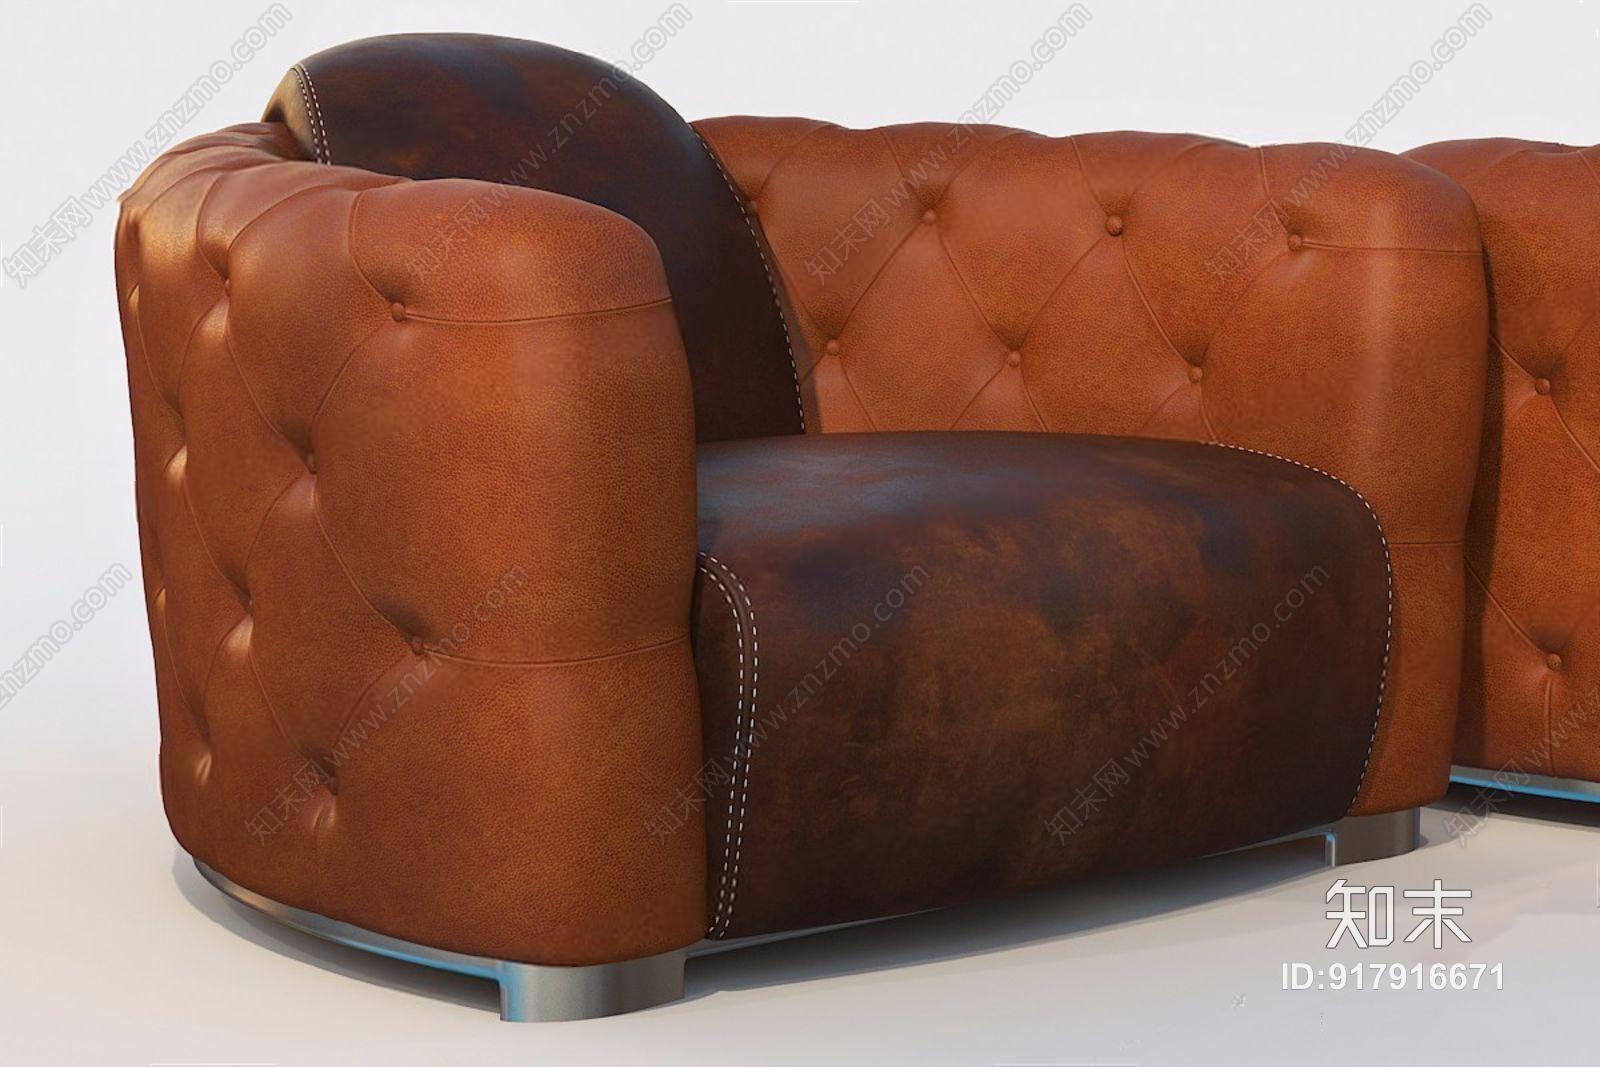 美式皮革单人沙发 美式单人沙发 皮革沙发 单人沙发